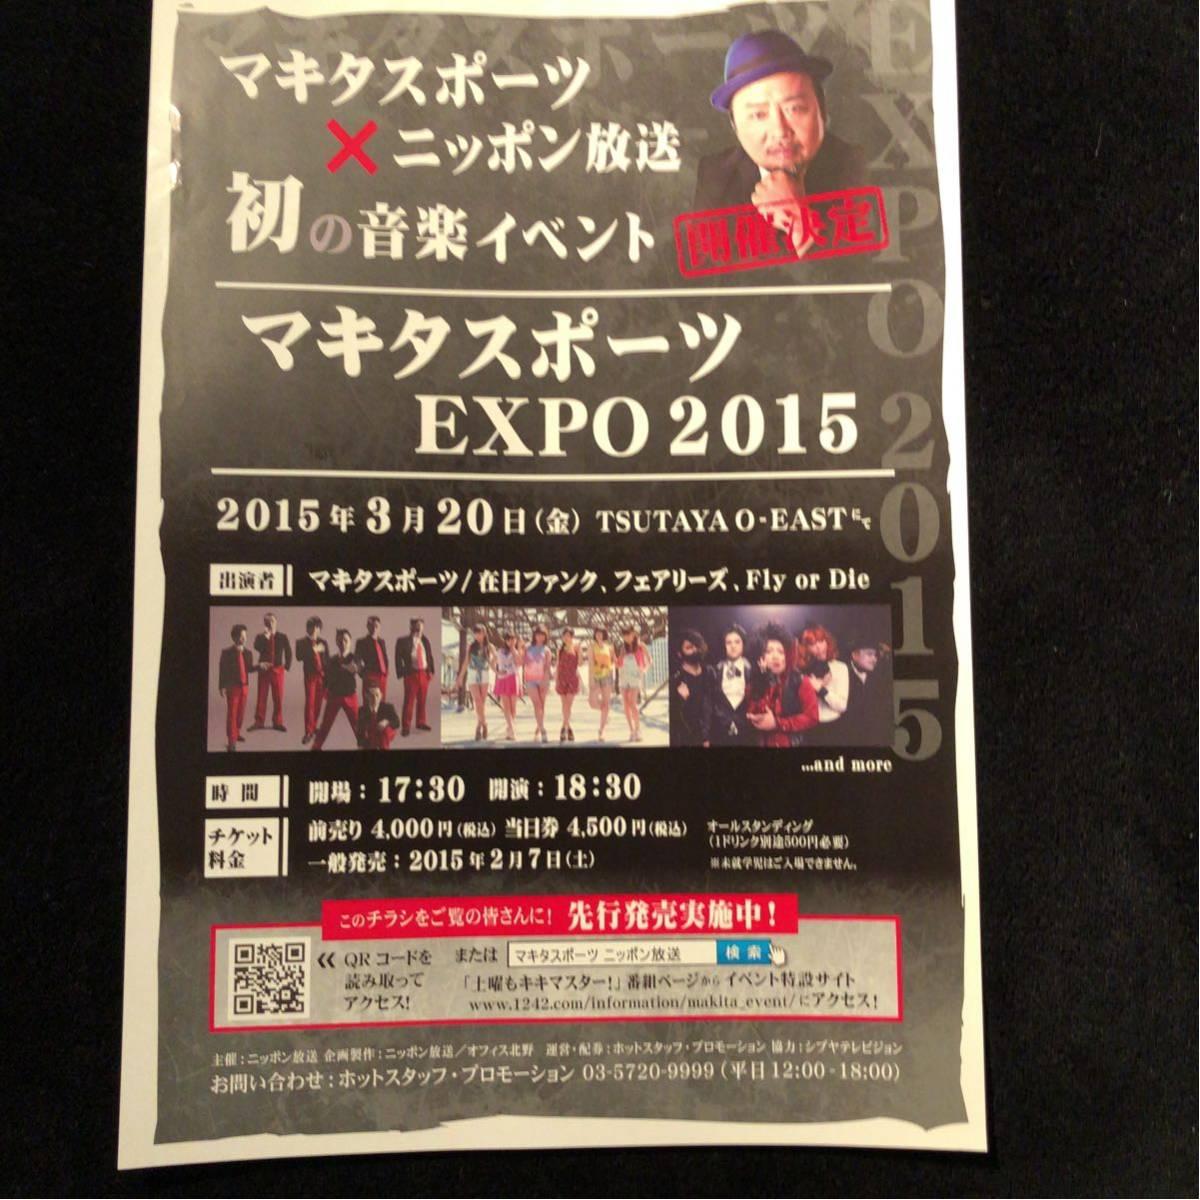 コンサートチラシ★マキタスポーツ EXPO 2015 在日ファンク フェアリーズ Fly or Die